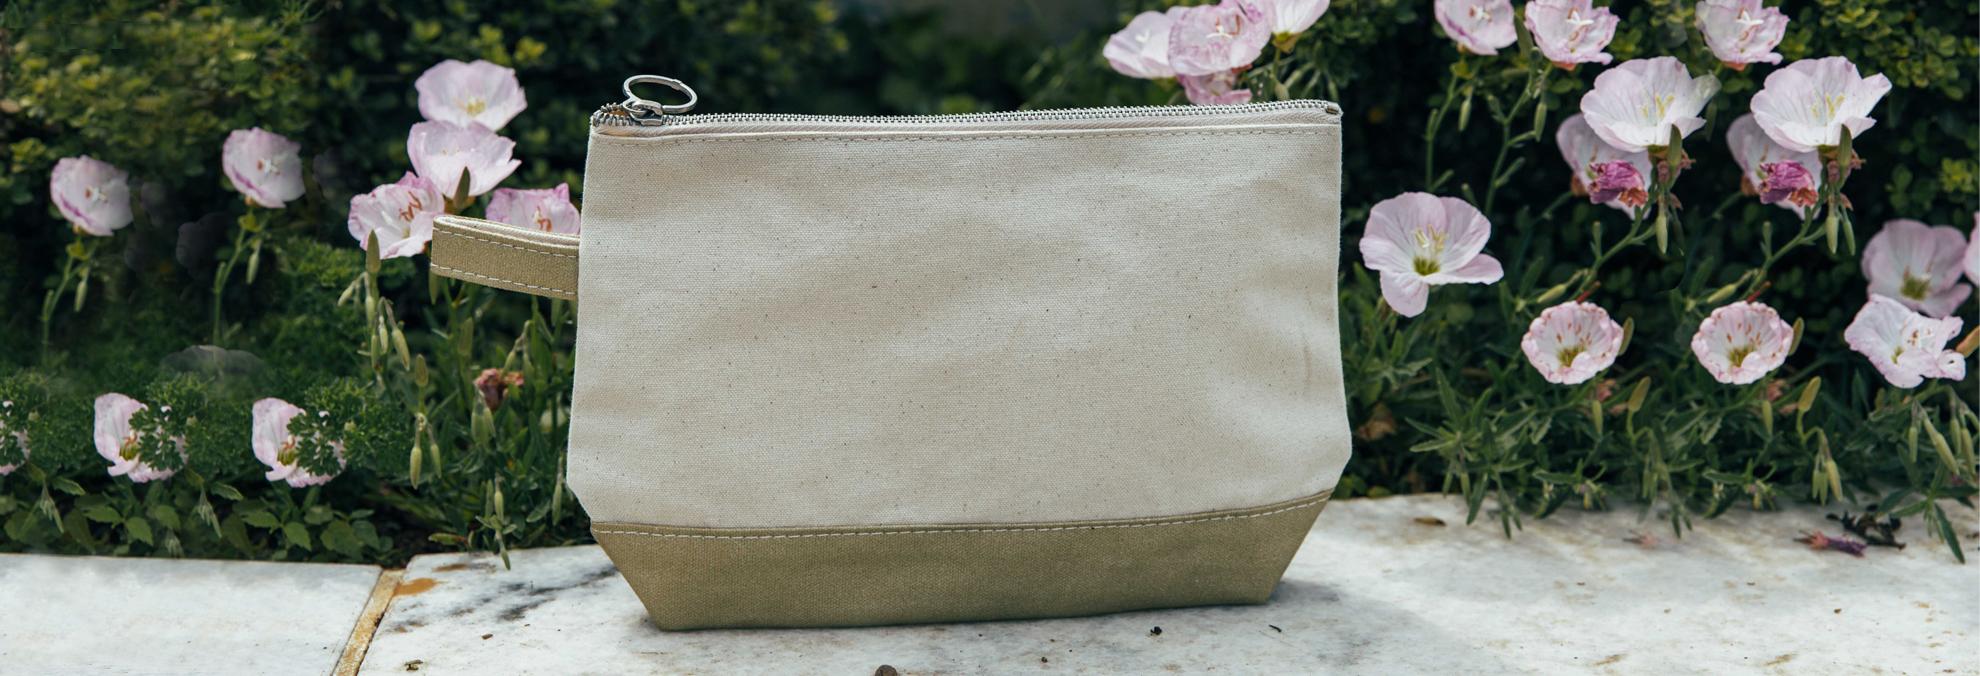 Waxed Cosmetic Bag